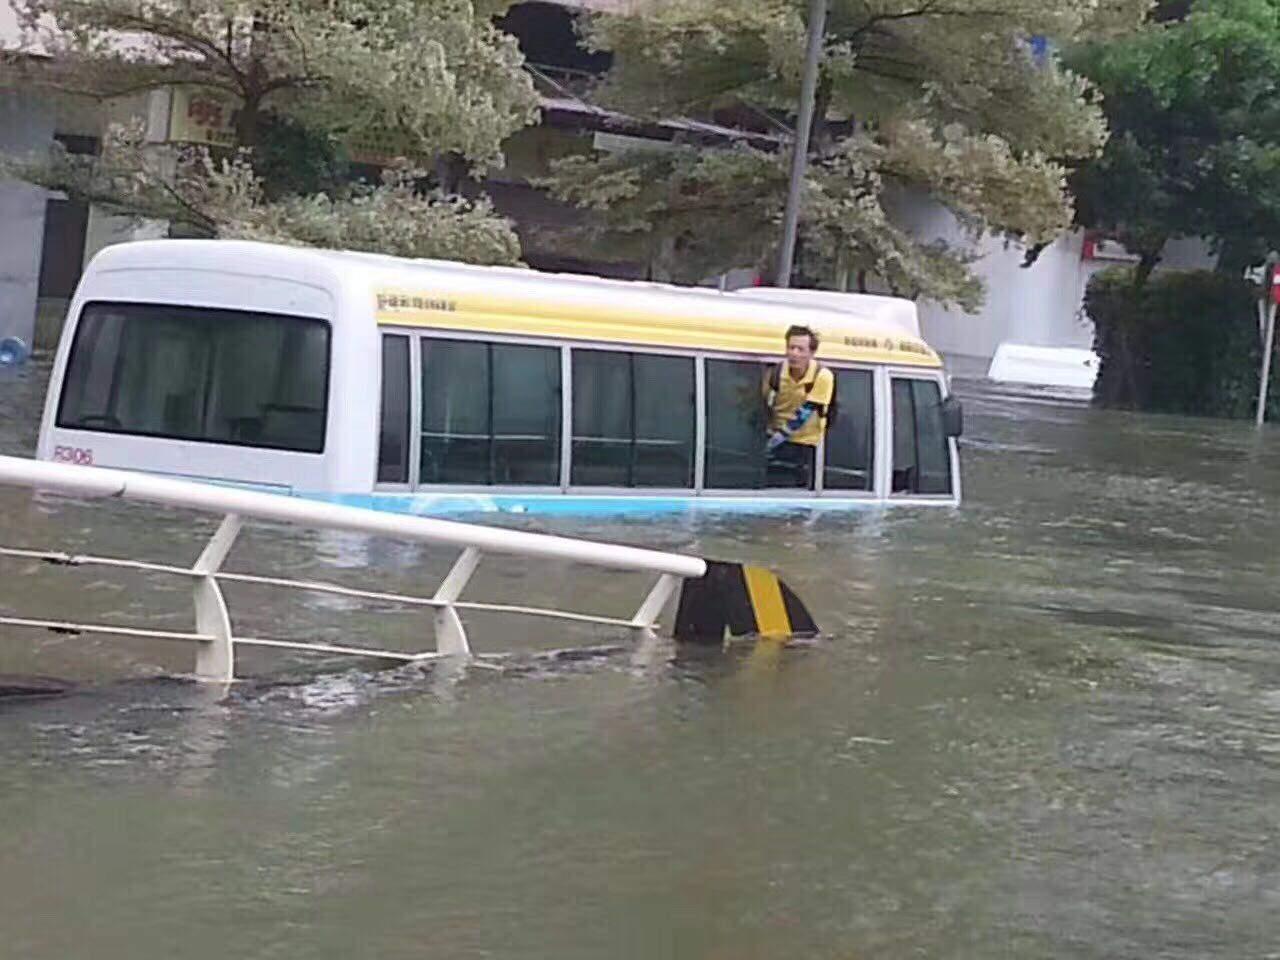 天鴿風球下,澳門出現大亂像。多區出現水浸,有巴士幾乎被洪水淹沒。(澳門讀者提供)